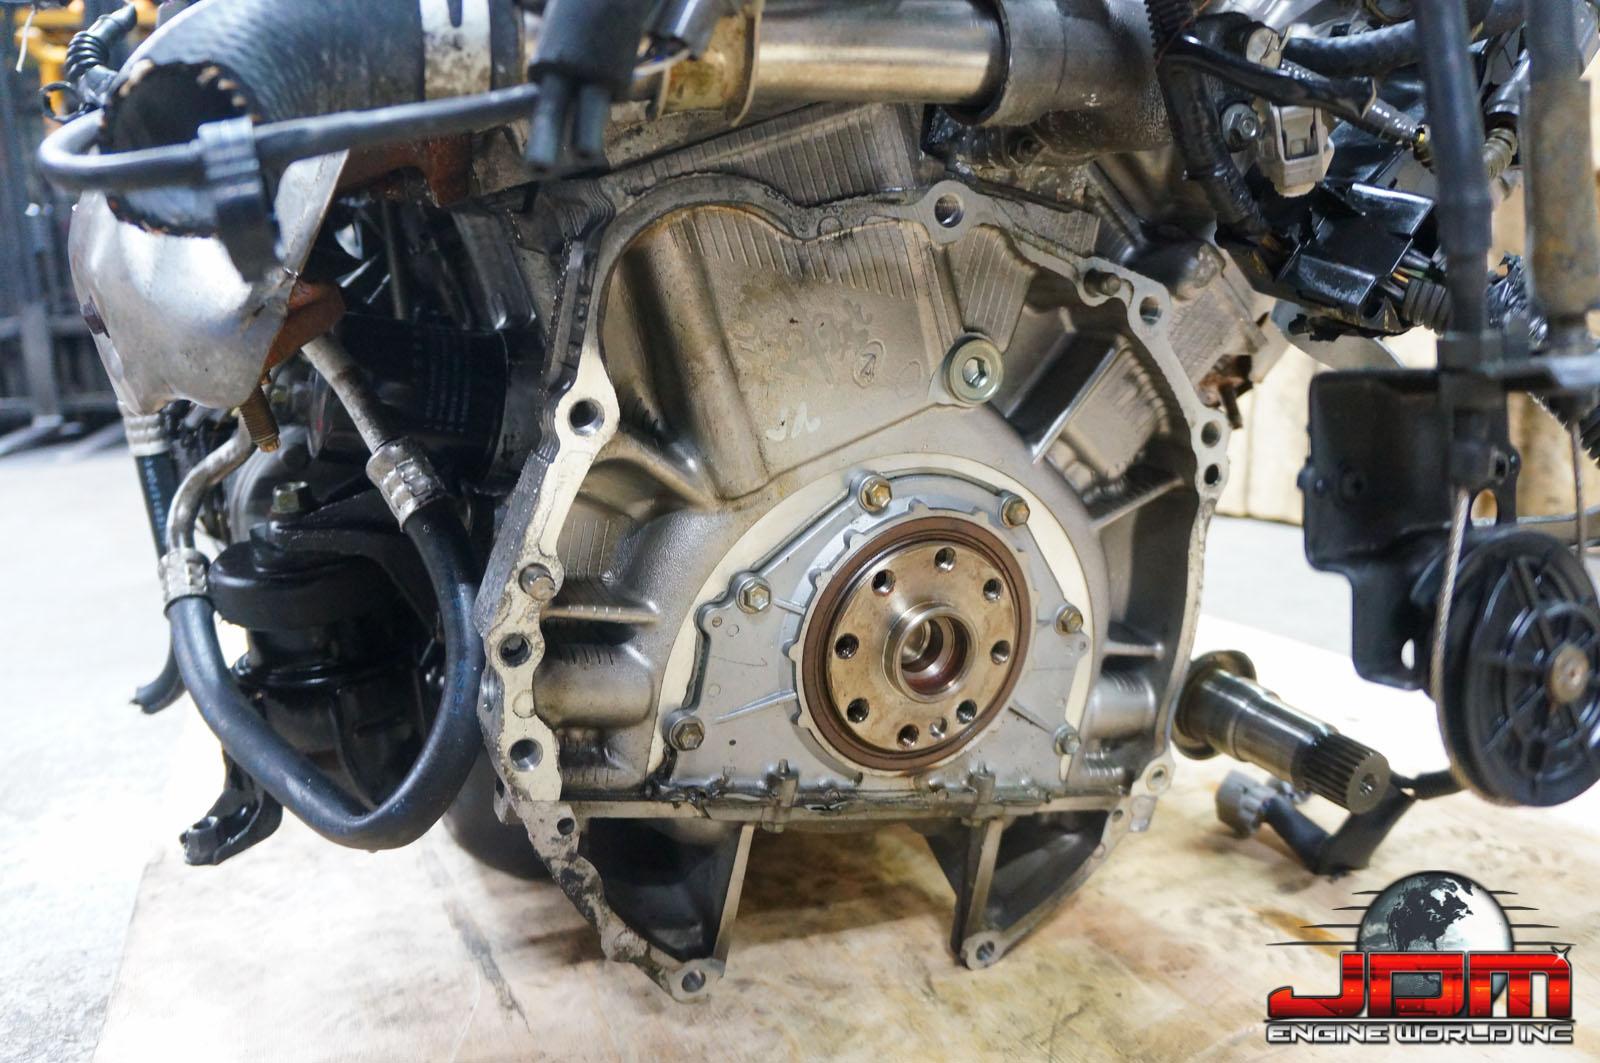 91-96 TOYOTA CAMRY 1MZ-FE ENGINE 3.0L V6 NON-VVTi JDM 1MZ